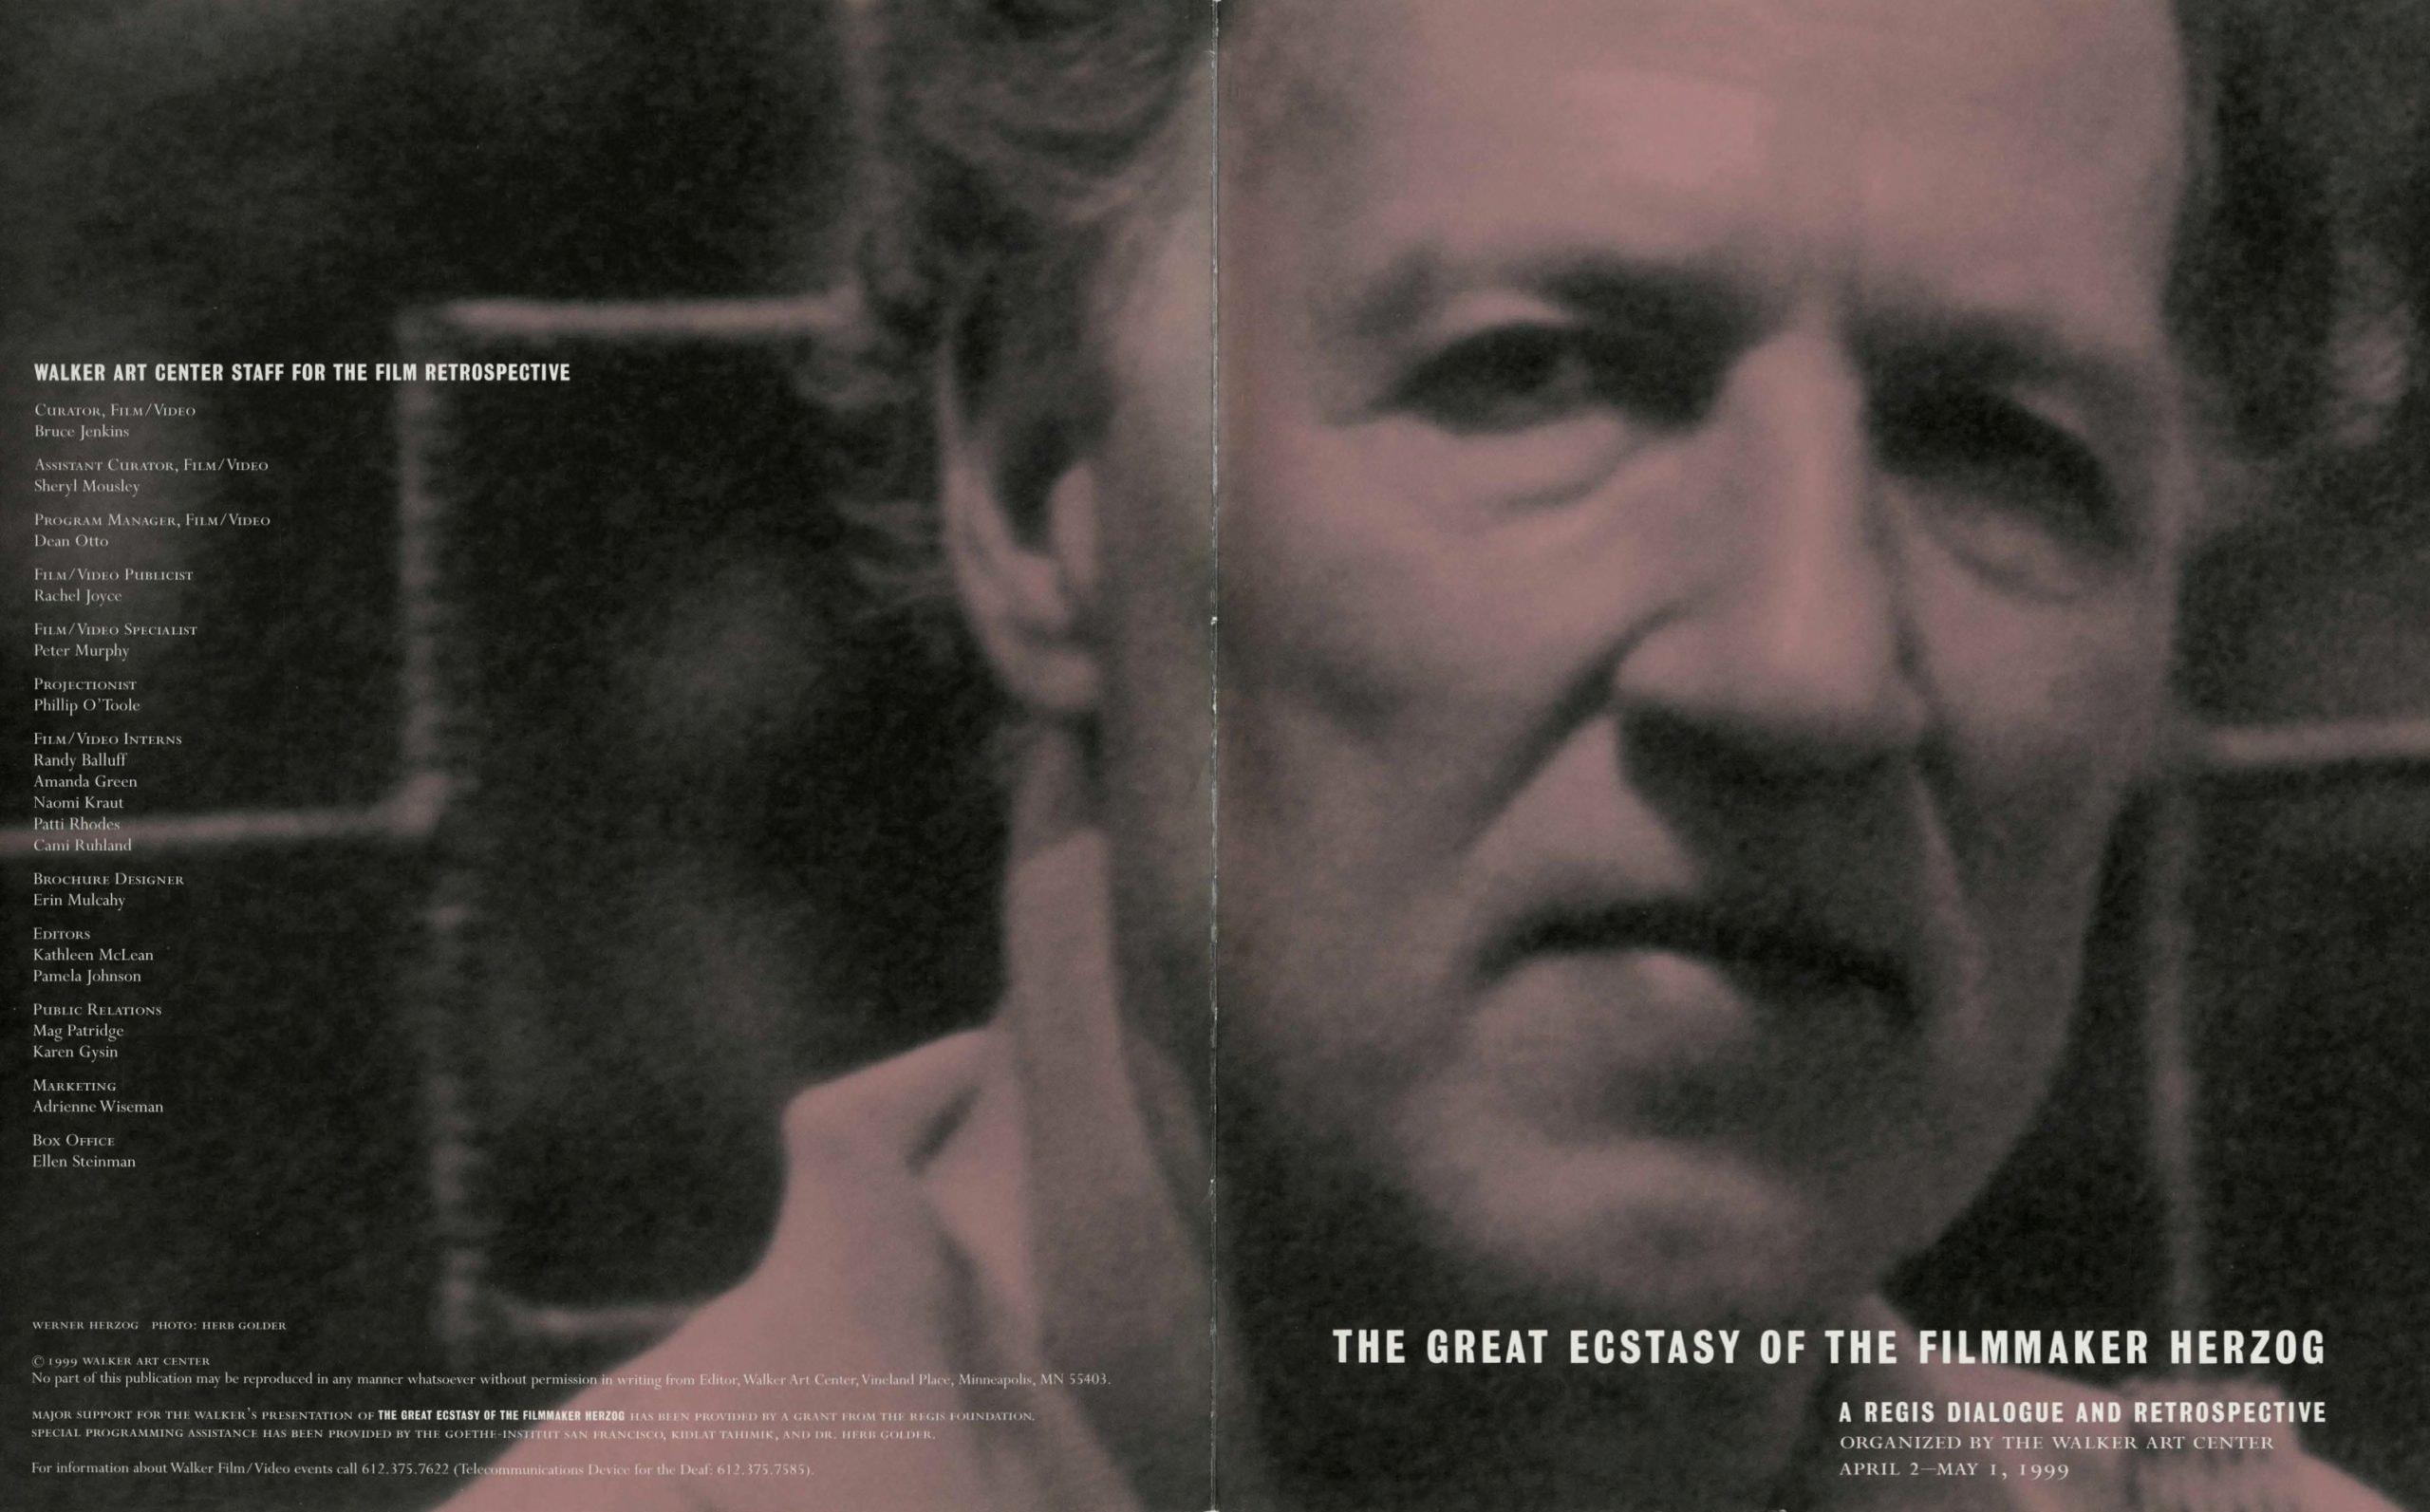 Werner Herzog Dialogue event brochure page 1